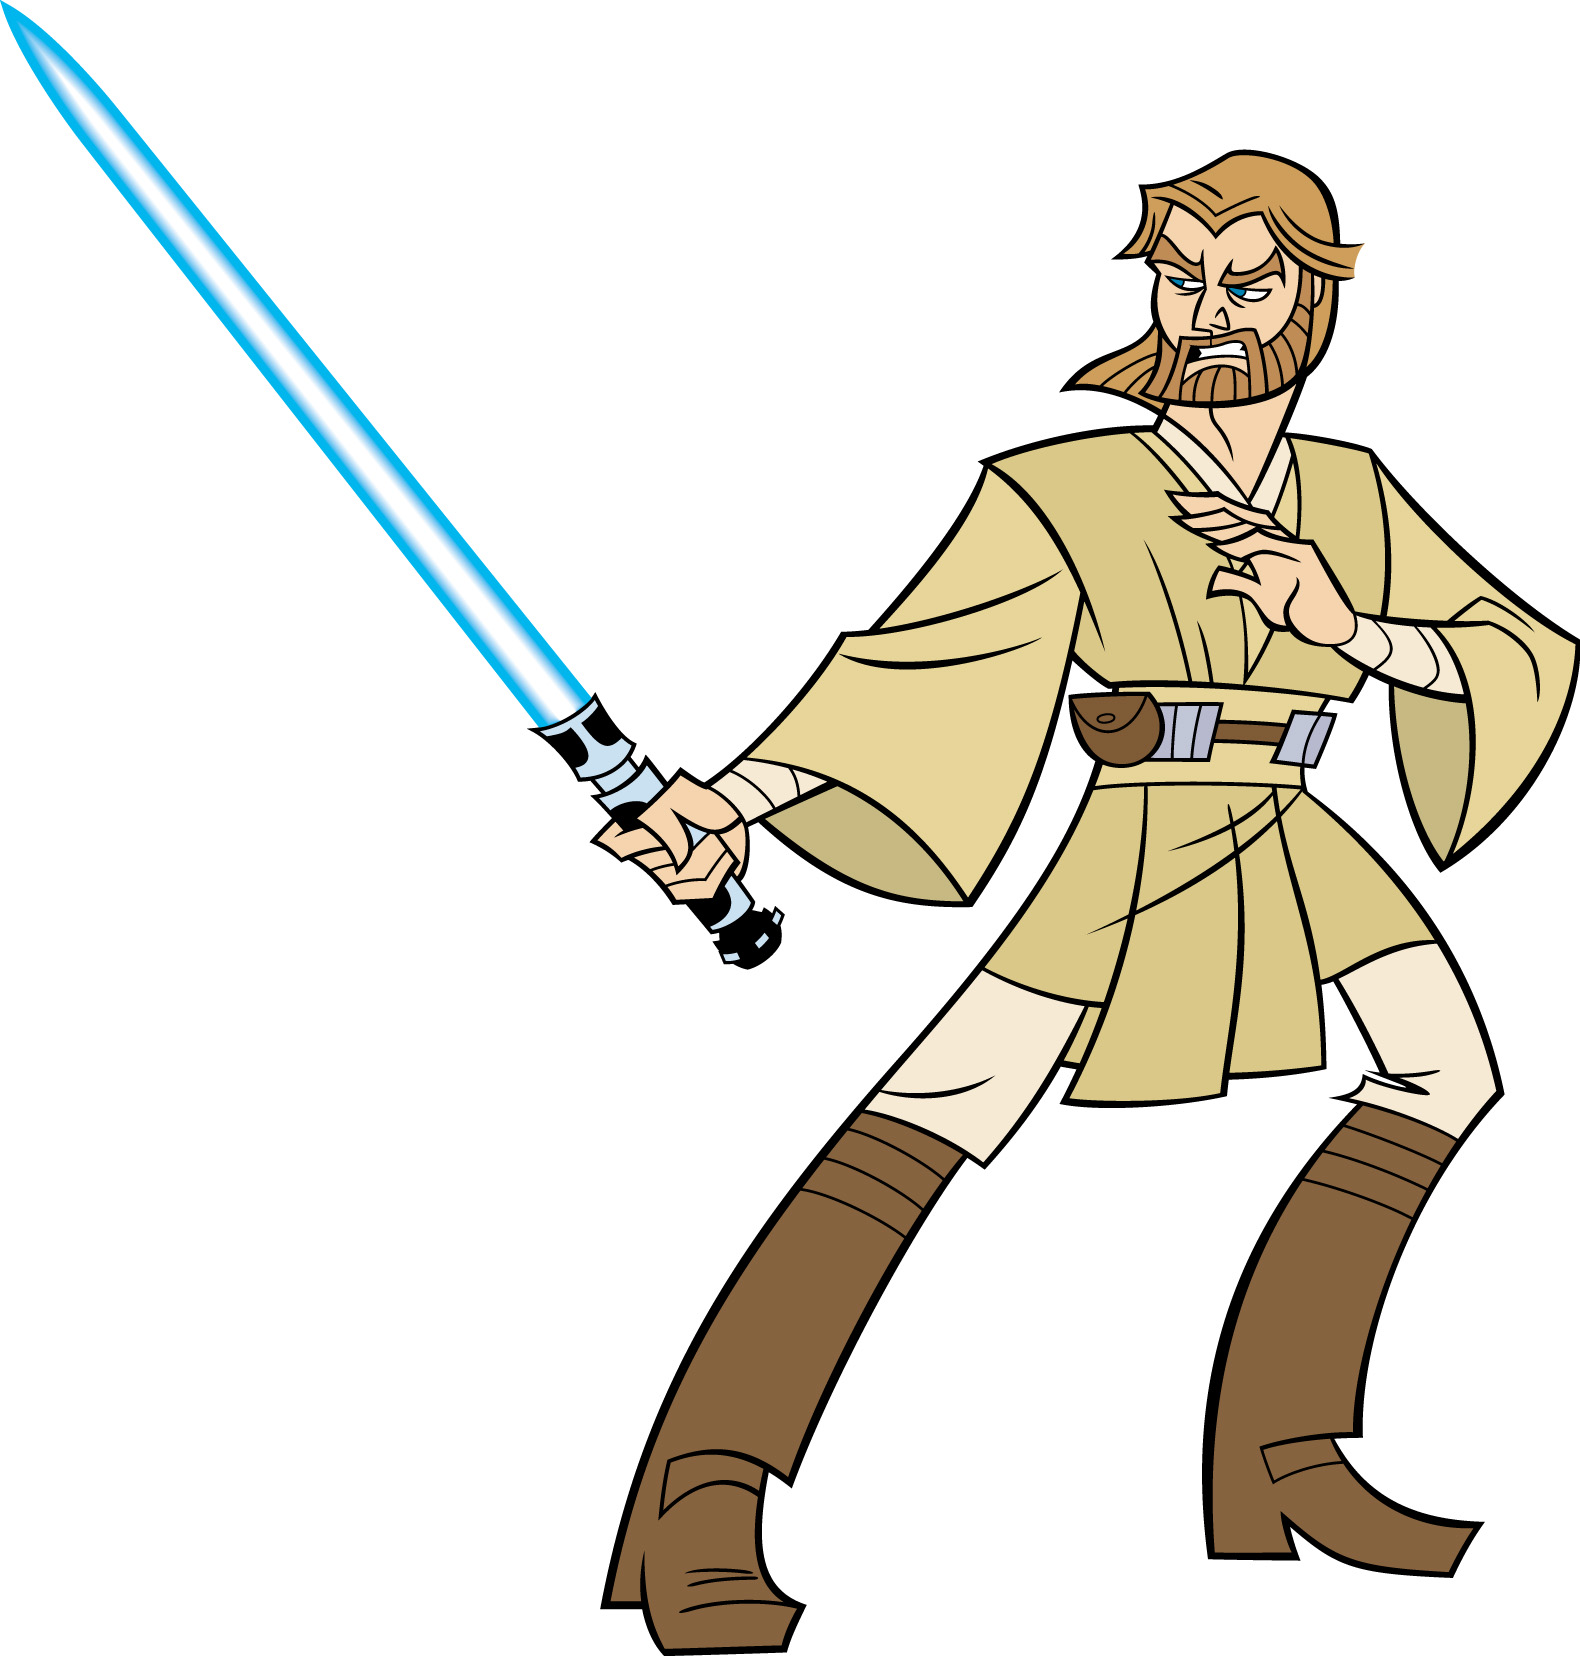 1580x1656 Obi Wan Kenobi Star Wars Clone Wars 2003 Series Wikia Fandom